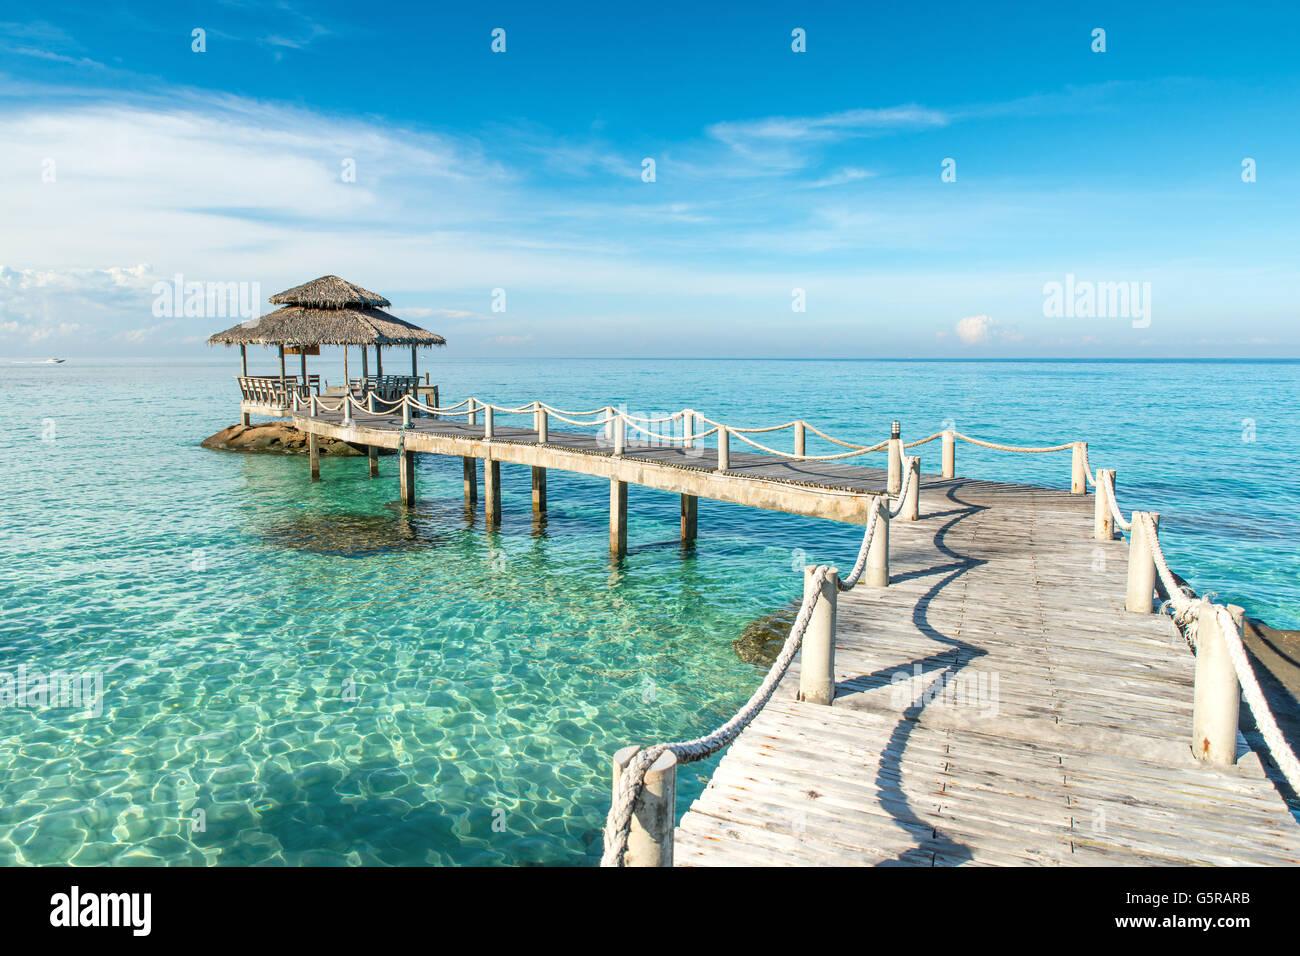 Verano, Viajes, vacaciones y días festivos el concepto - muelle de madera en Phuket, Tailandia. Uso para viajes Imagen De Stock